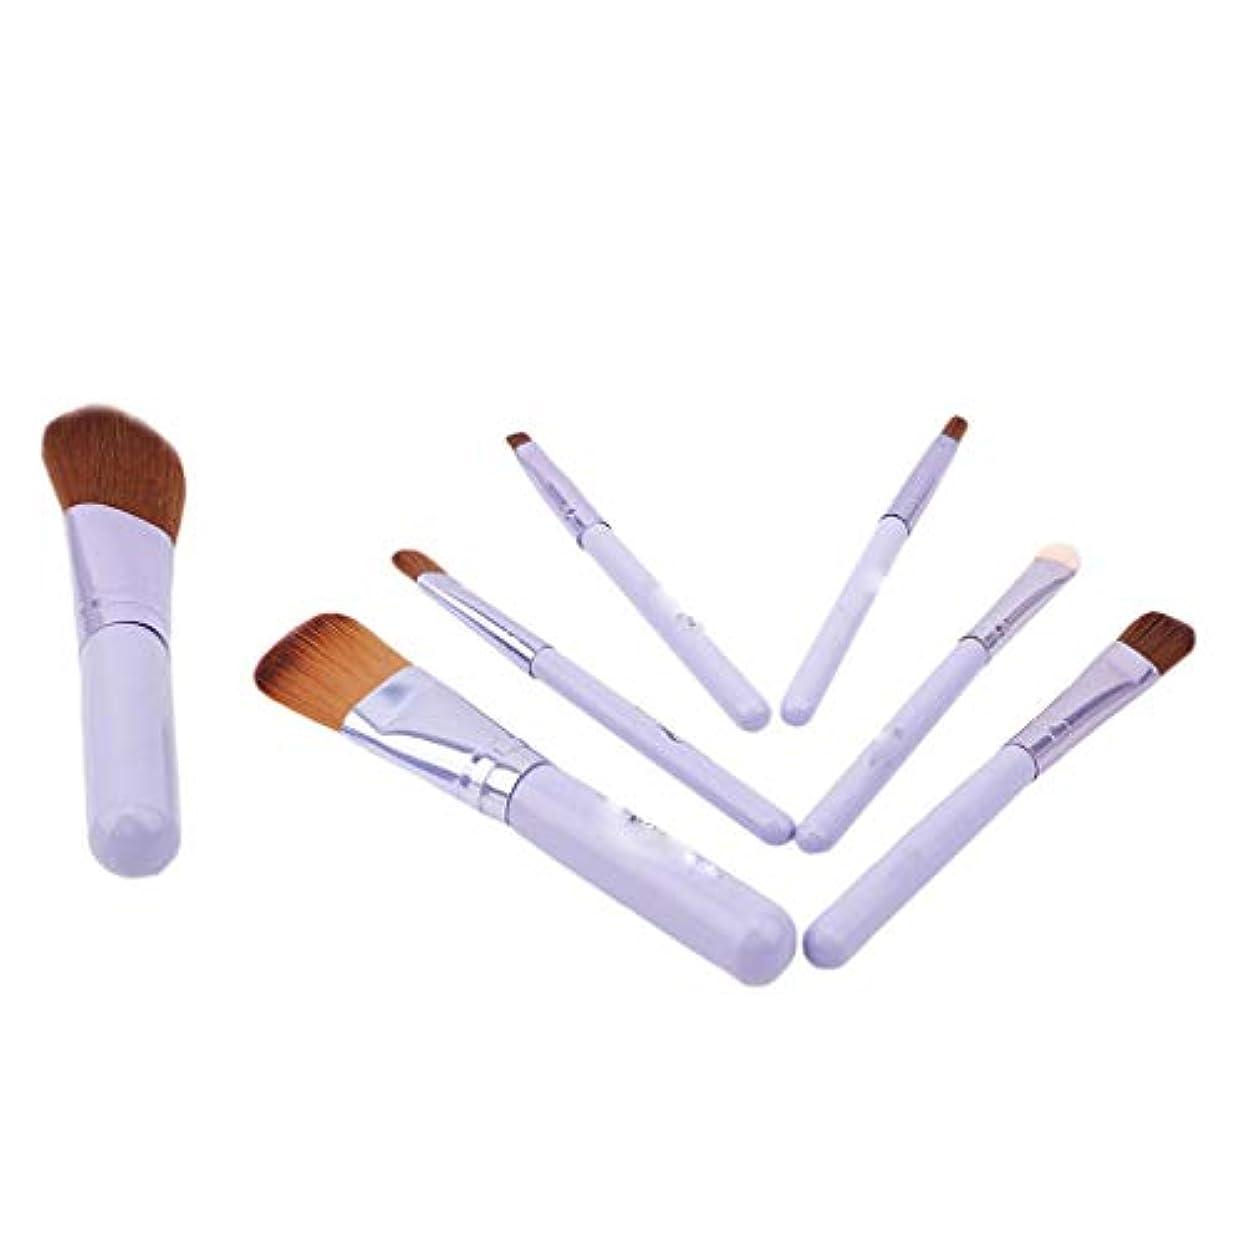 シャッター進化木材1st market プレミアム7ピース化粧ブラシソフトファイバーファンデーションアイシャドウブラシ化粧品ツール紫